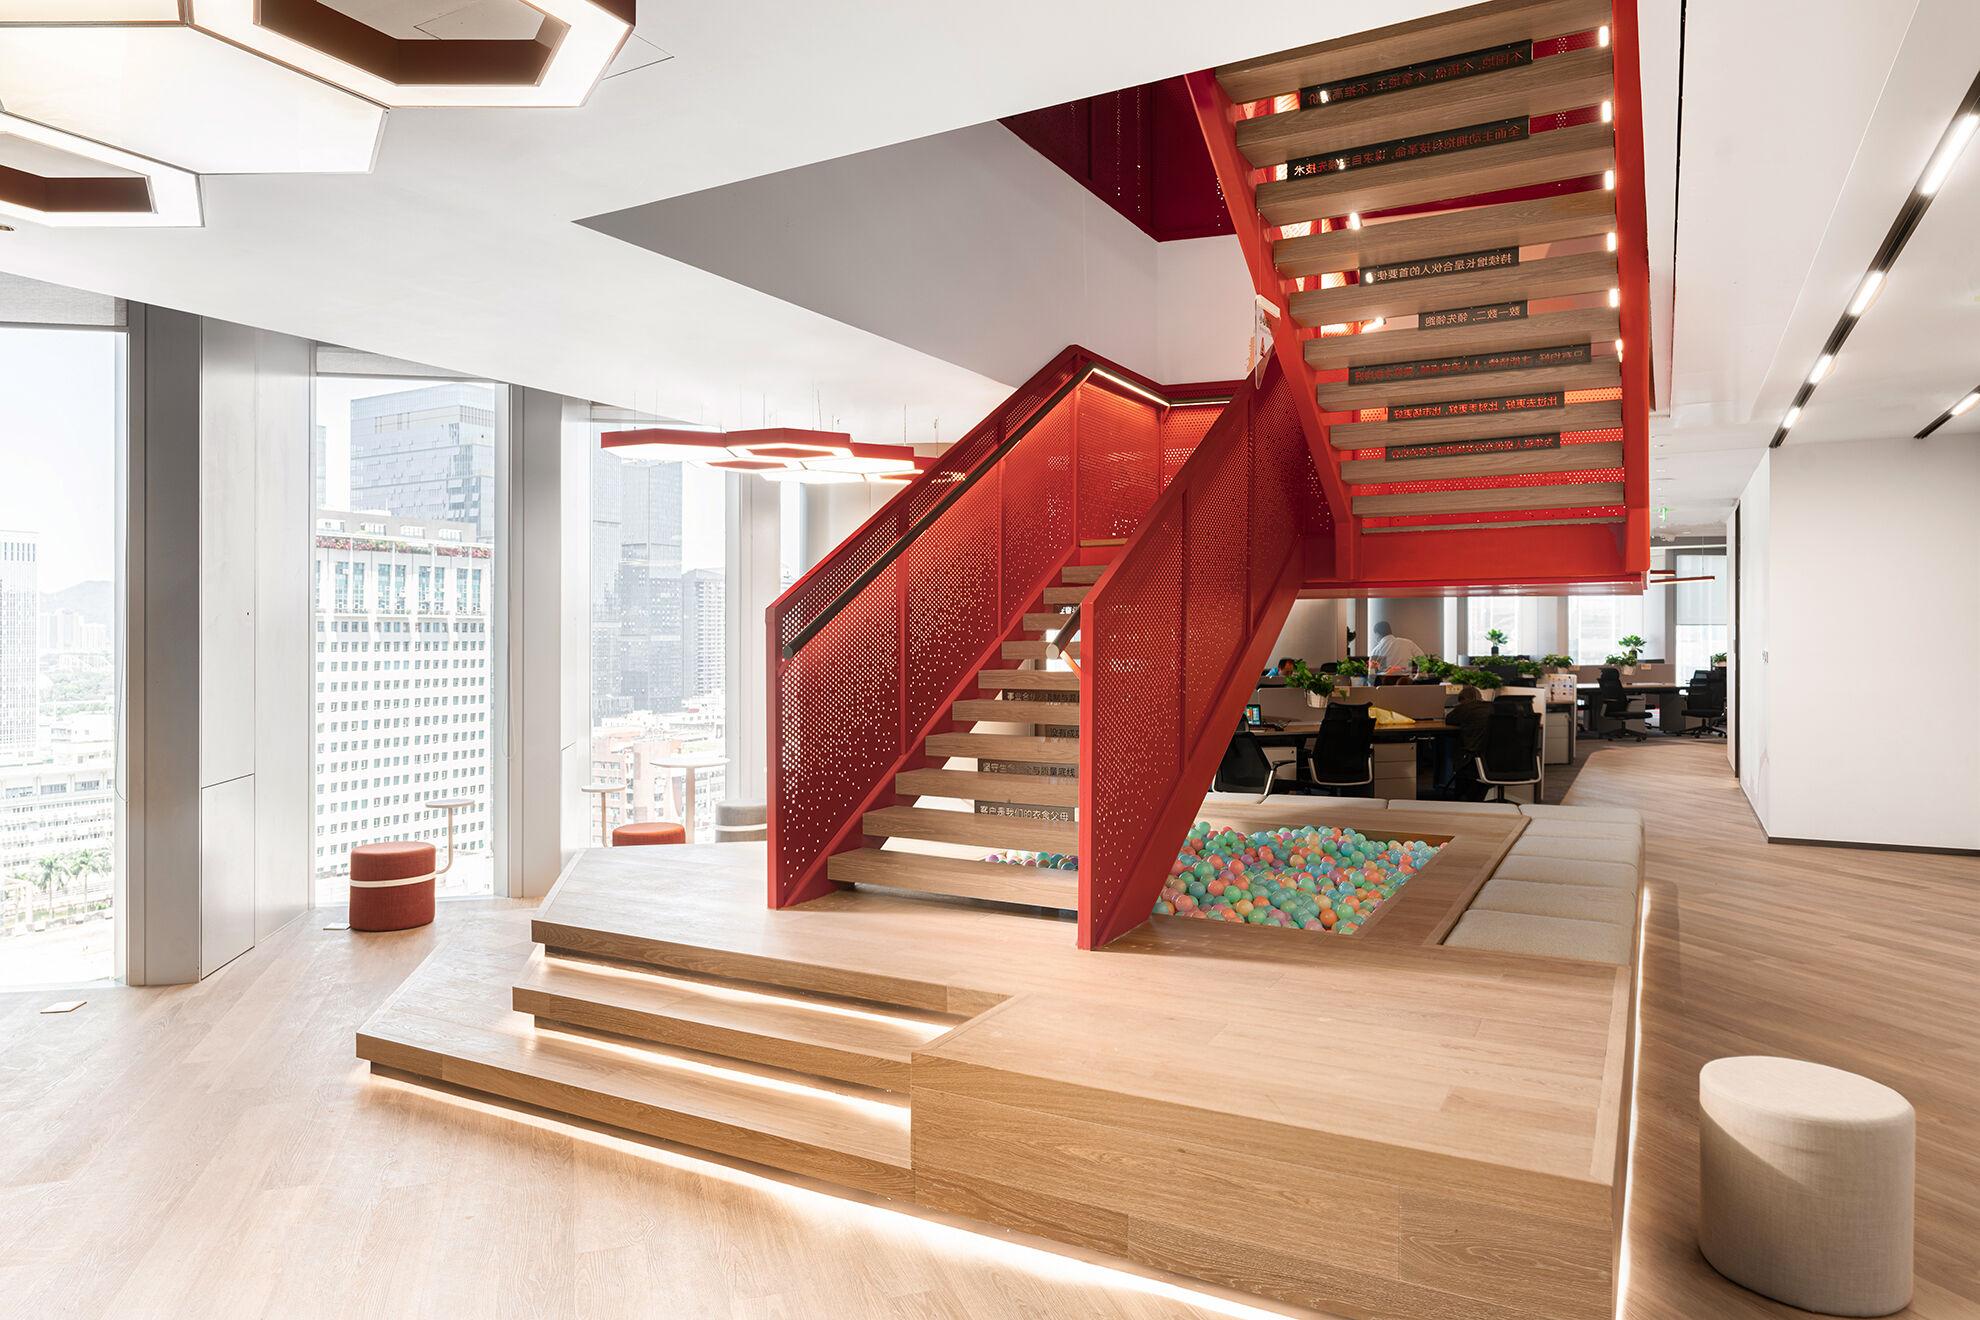 Vanke_Best office design in Shenzhen by Space Matrix